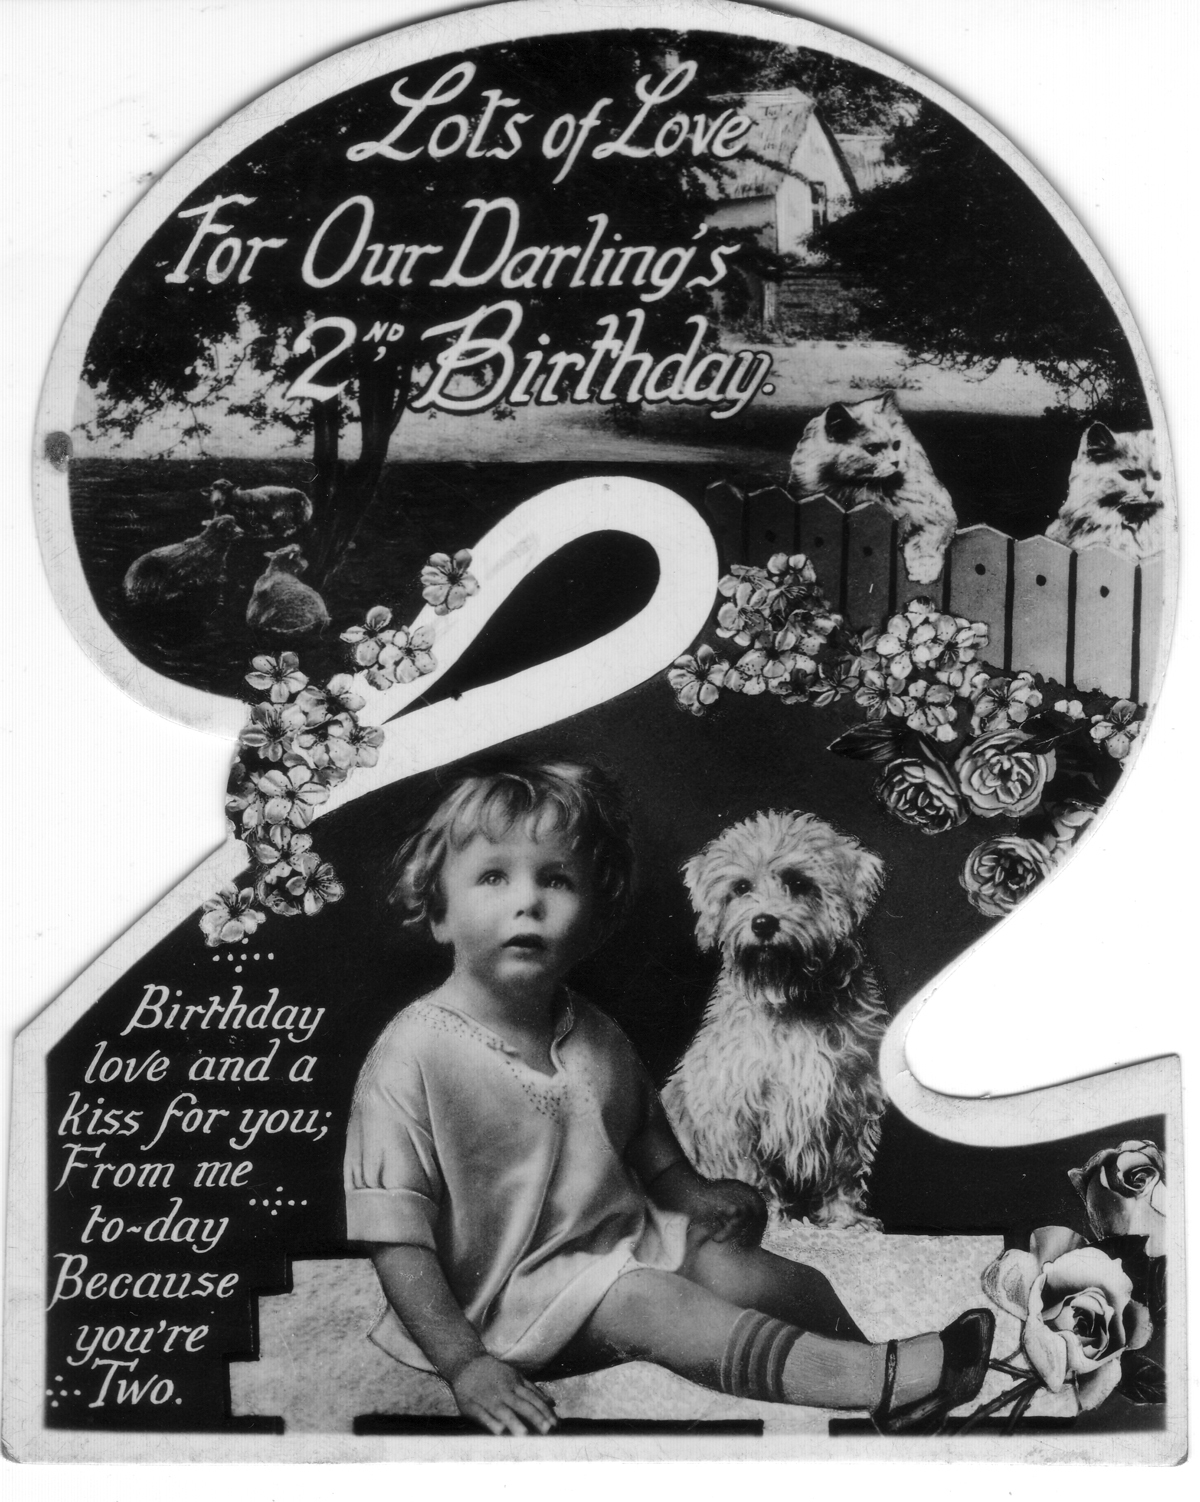 Children's Birthday Card c.1934